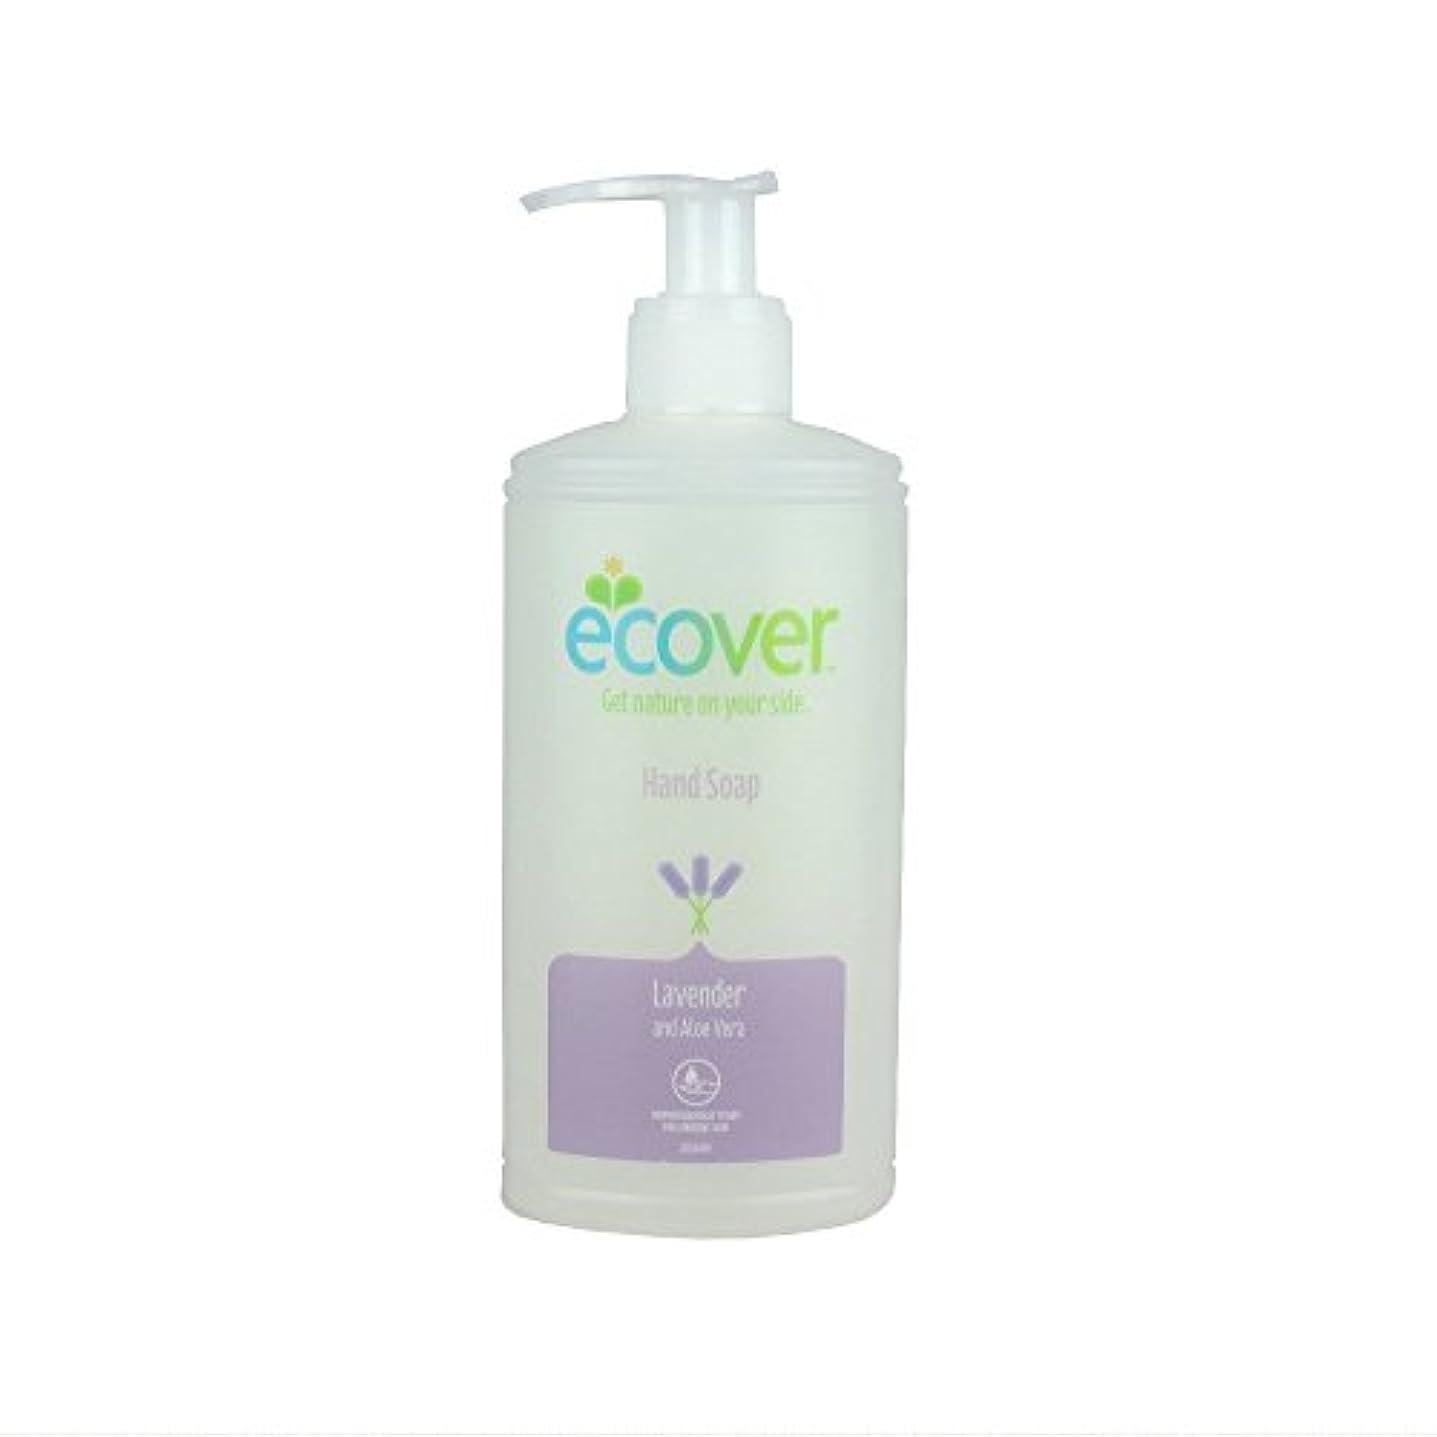 それにもかかわらず花火指導するEcover Liquid Hand Soap Lavender & Aloe Vera (250ml) 液体ハンドソープラベンダーとアロエベラ( 250ミリリットル)をエコベール